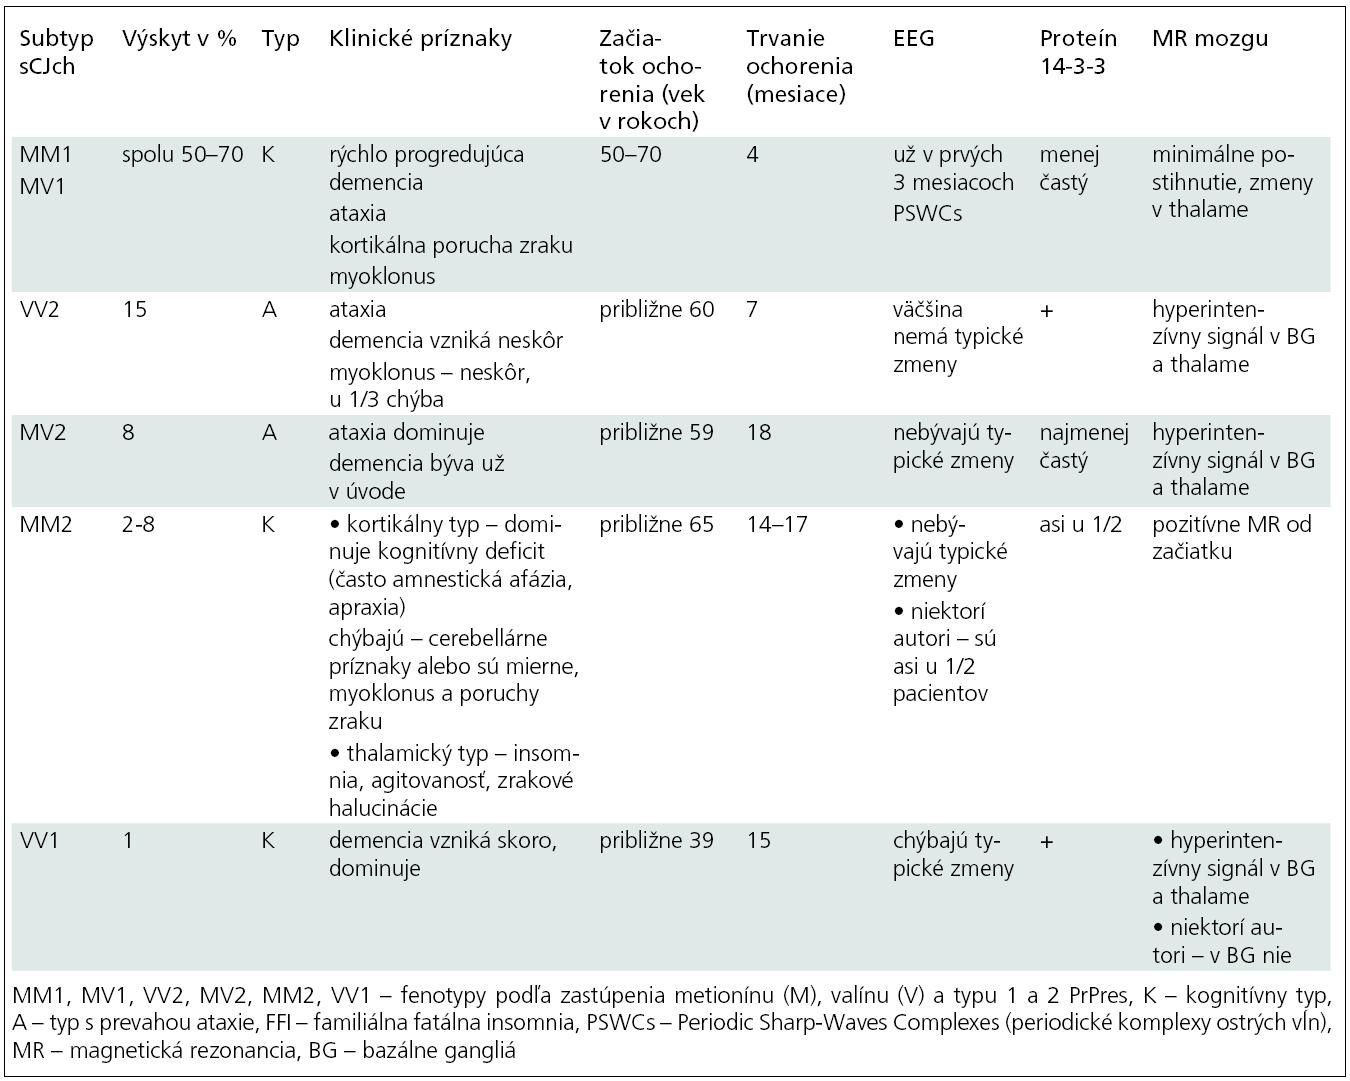 Najtypickejšie klinické, EEG, likvorové a MR nálezy u jednotlivých subtypov sporadickej Creutzfeldtovej-Jakobovej choroby (sCJch) na základe spracovania viacerých štúdií [10,13,26,27,30,31].